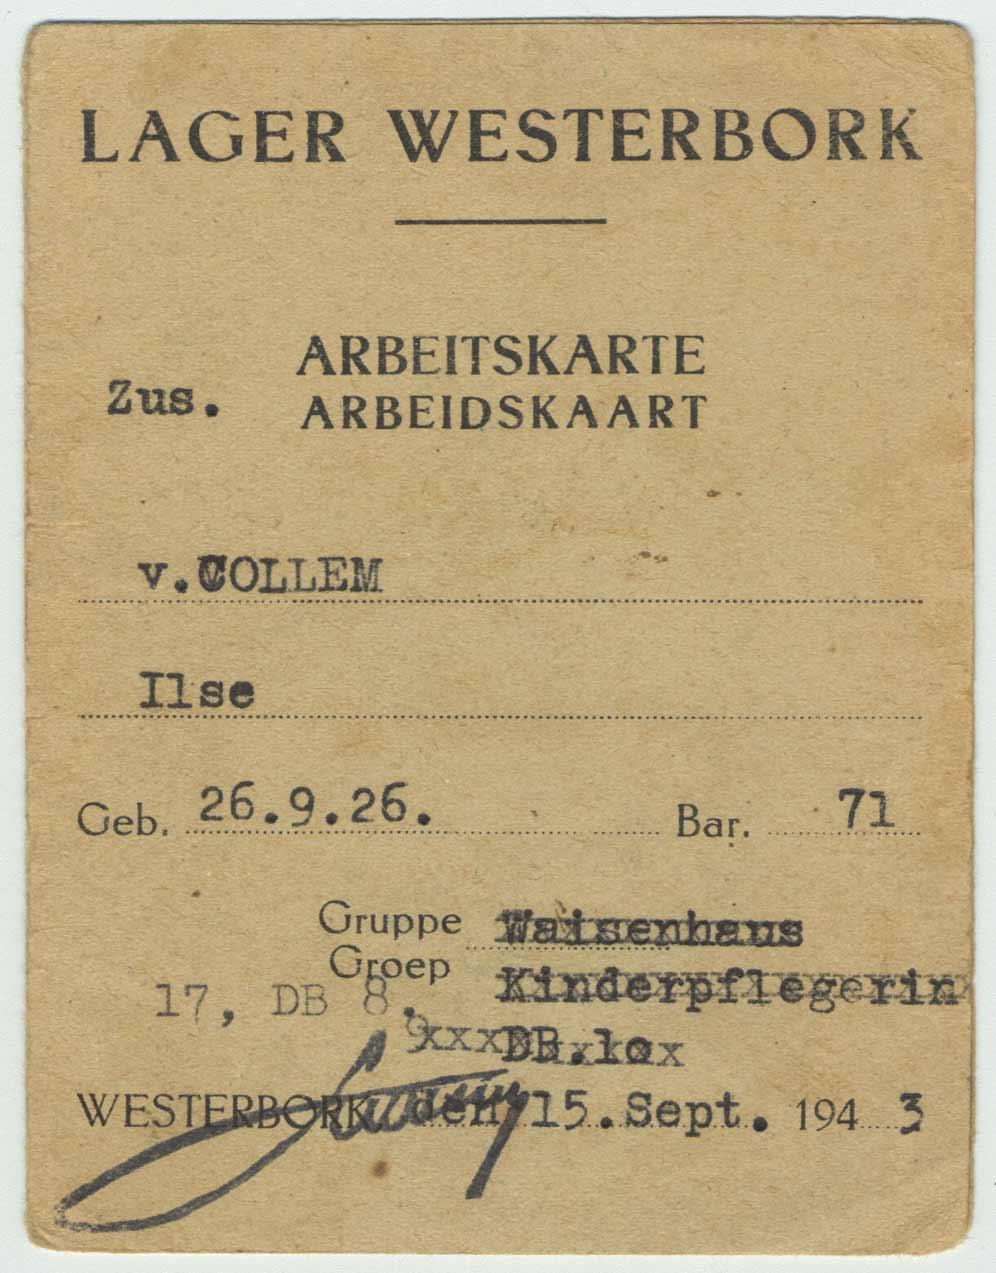 Permis de travail de Westerbork pour Ilse van Colleml, 15 août 1943.